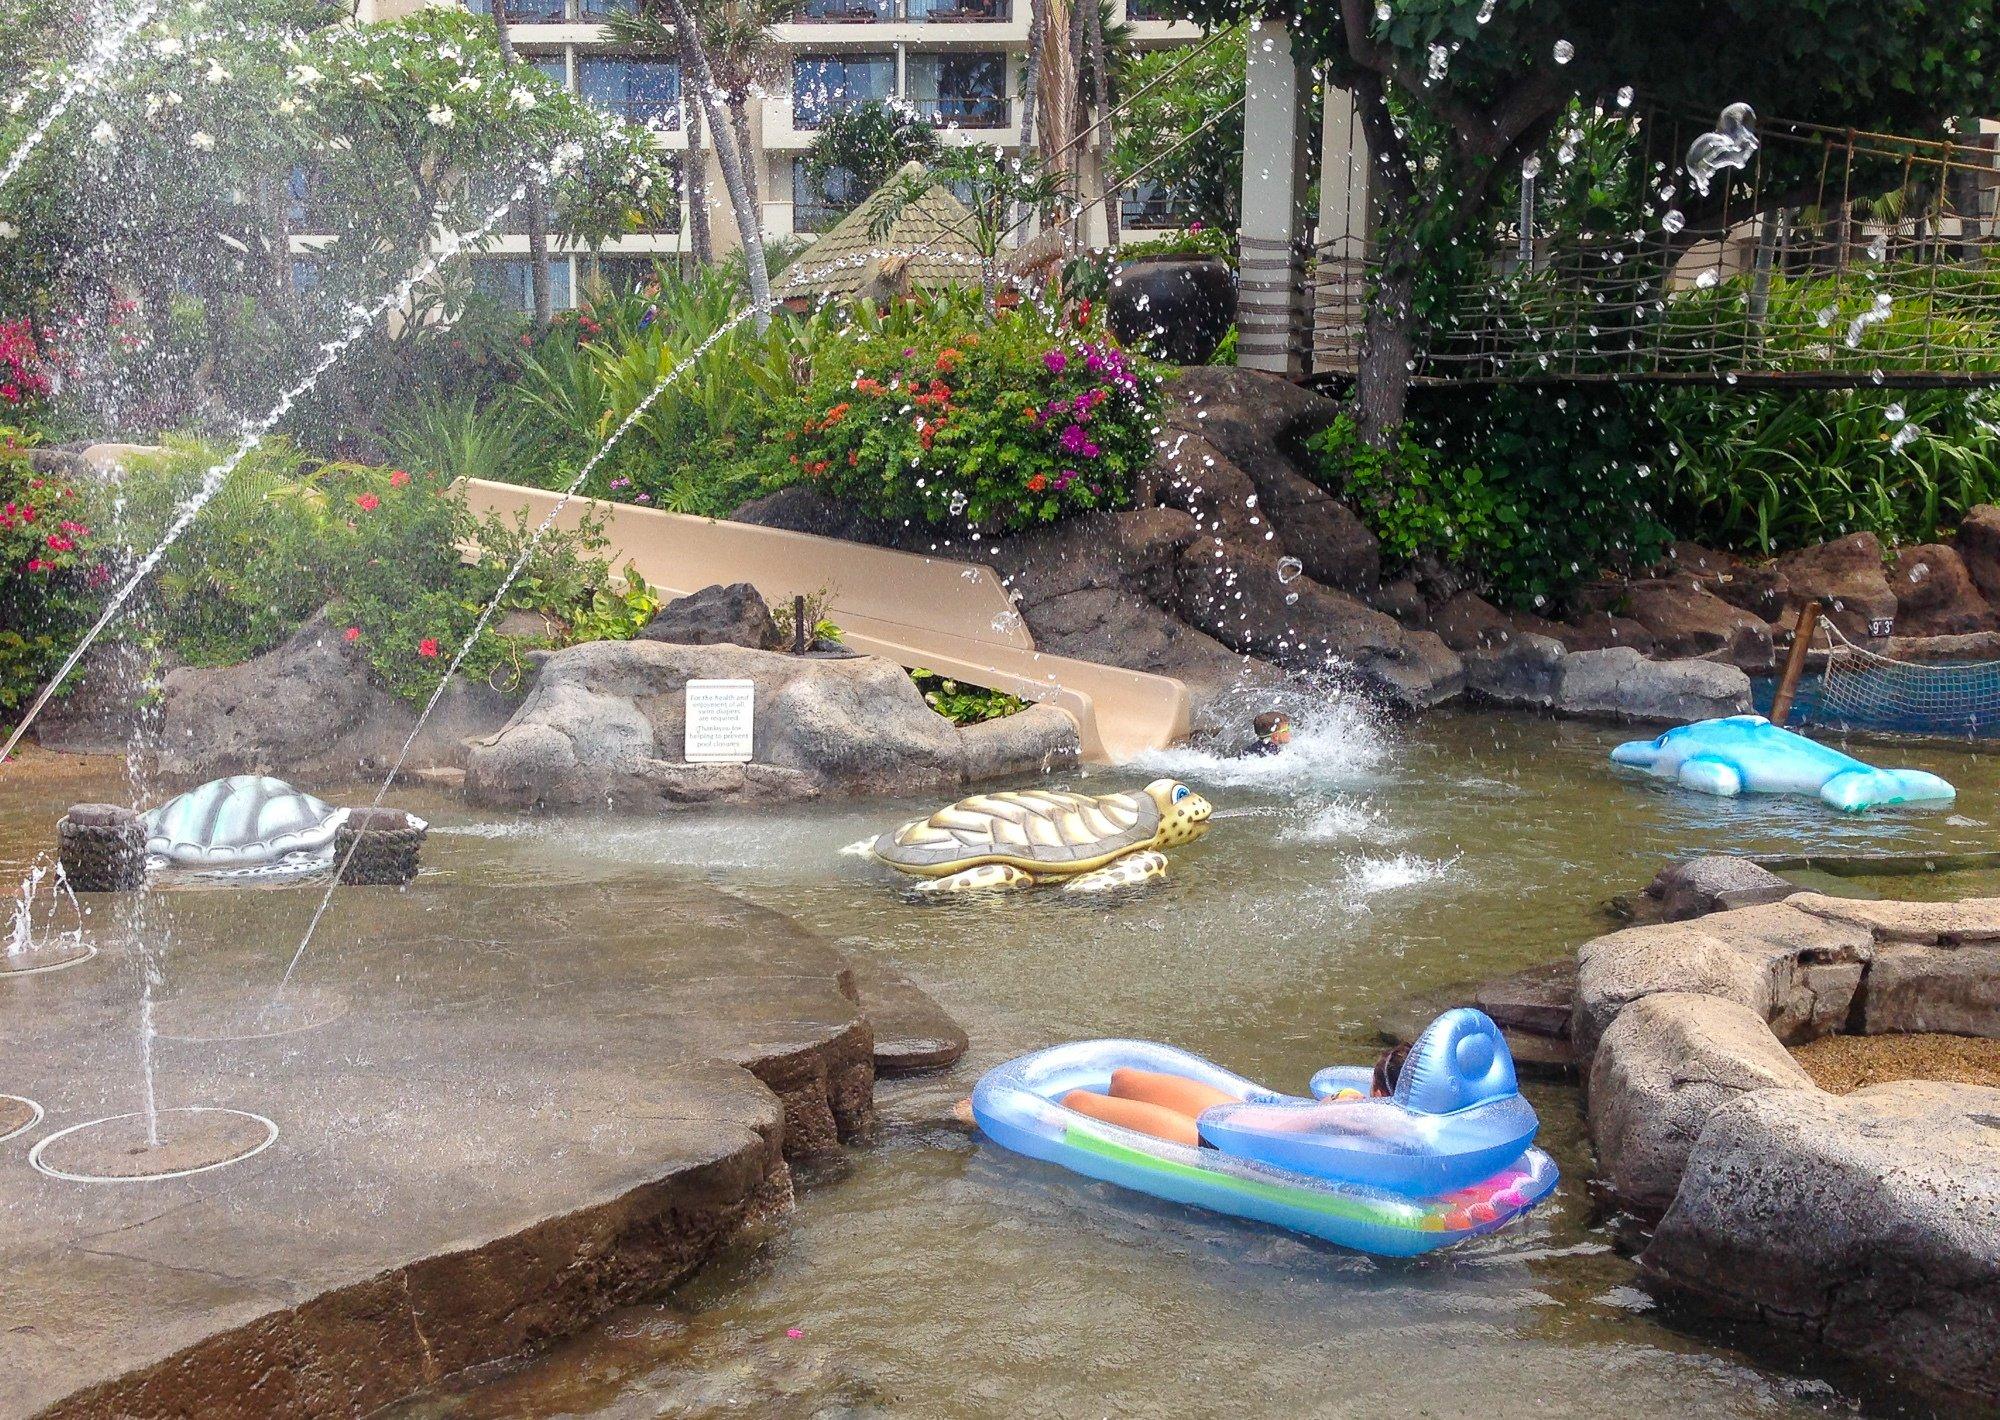 Keiki Lagoon waterslide at Hyatt Regency Maui Resort and Spa